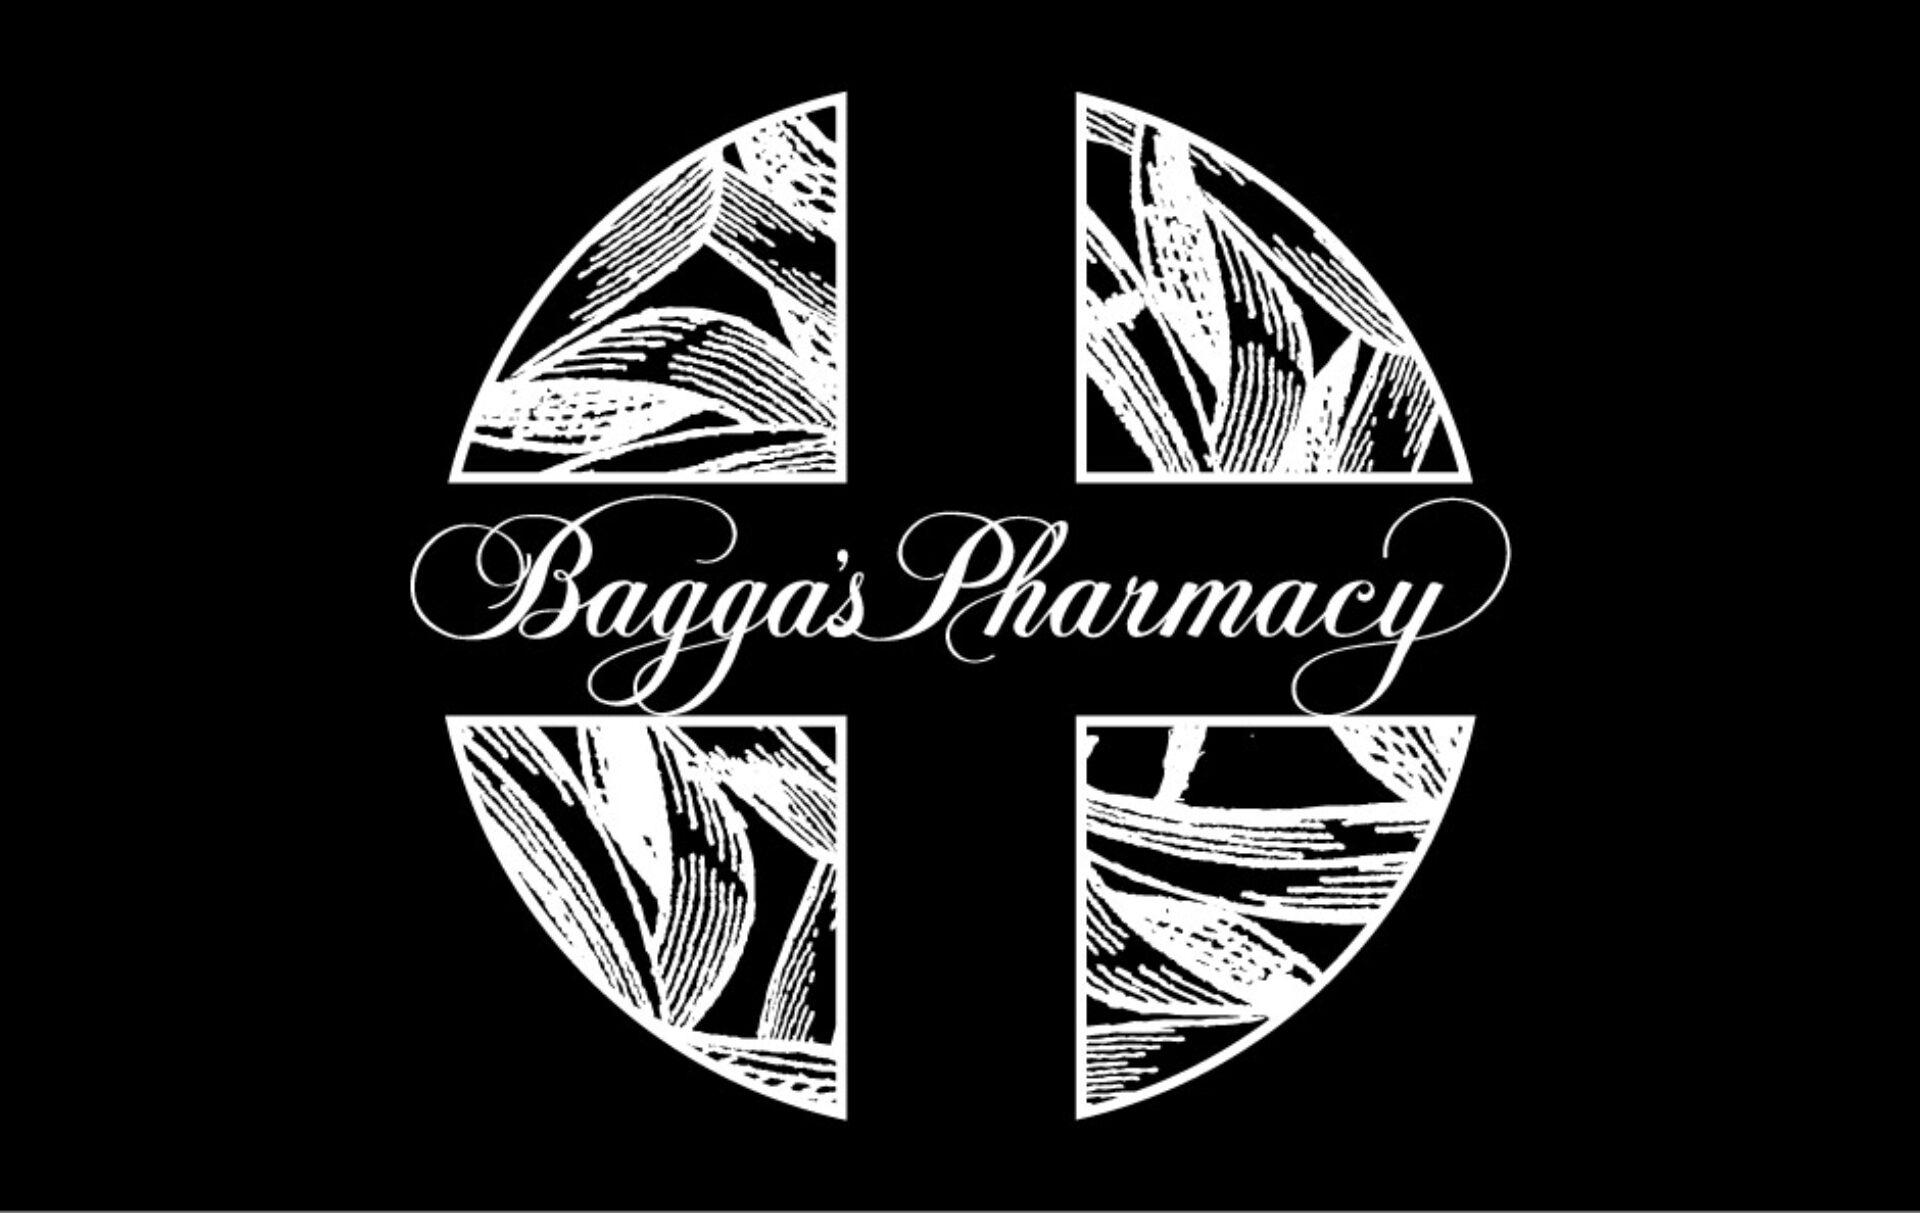 Baggas pharmacy 03